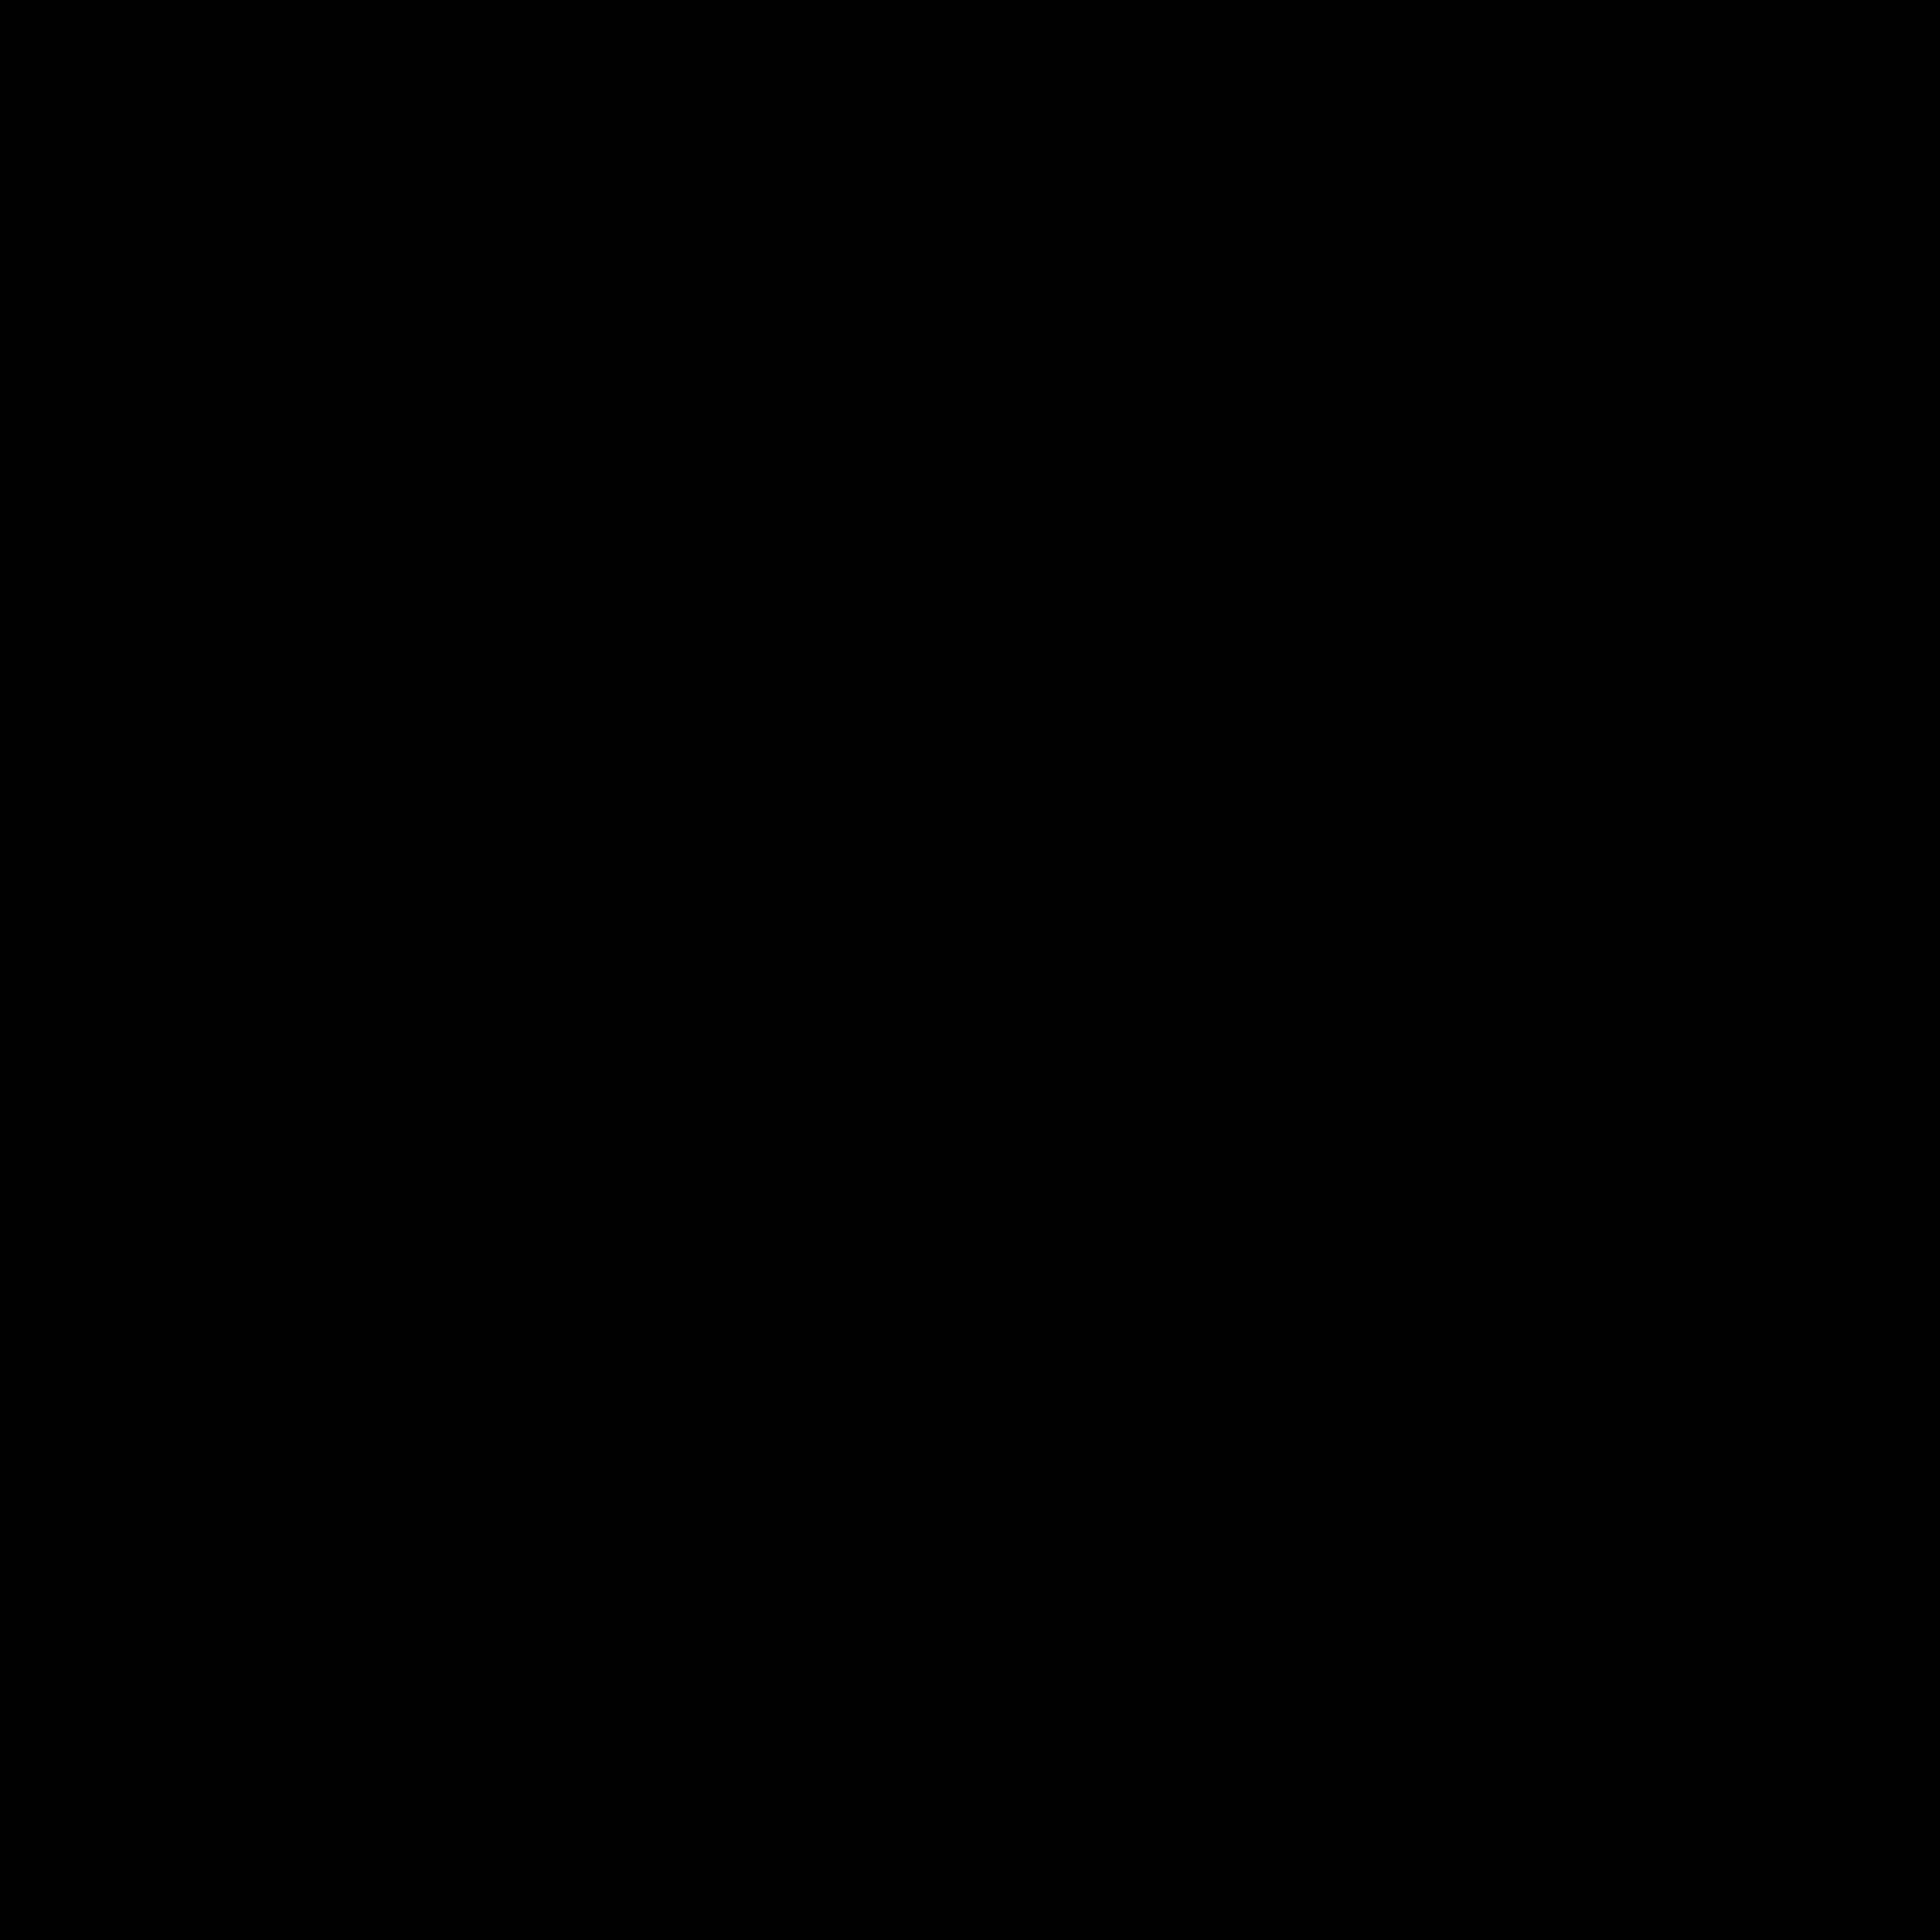 Computer Keyboard clip art. BIG IMAGE (PNG)